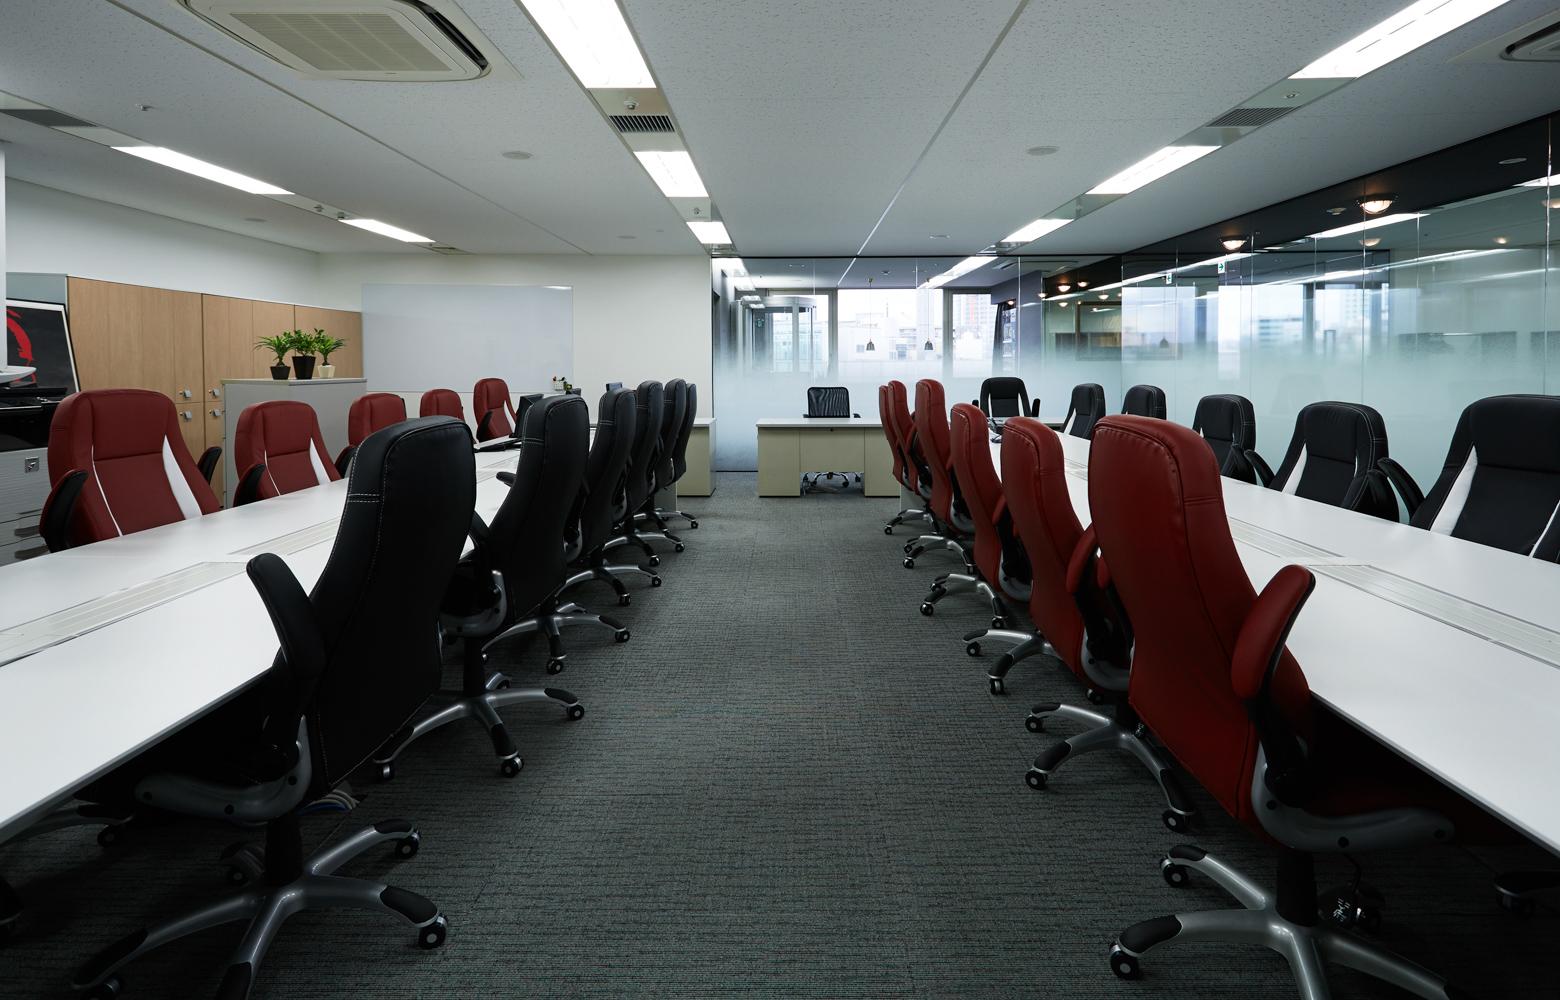 株式会社エイム・ソフト Work Space デザイン・レイアウト事例